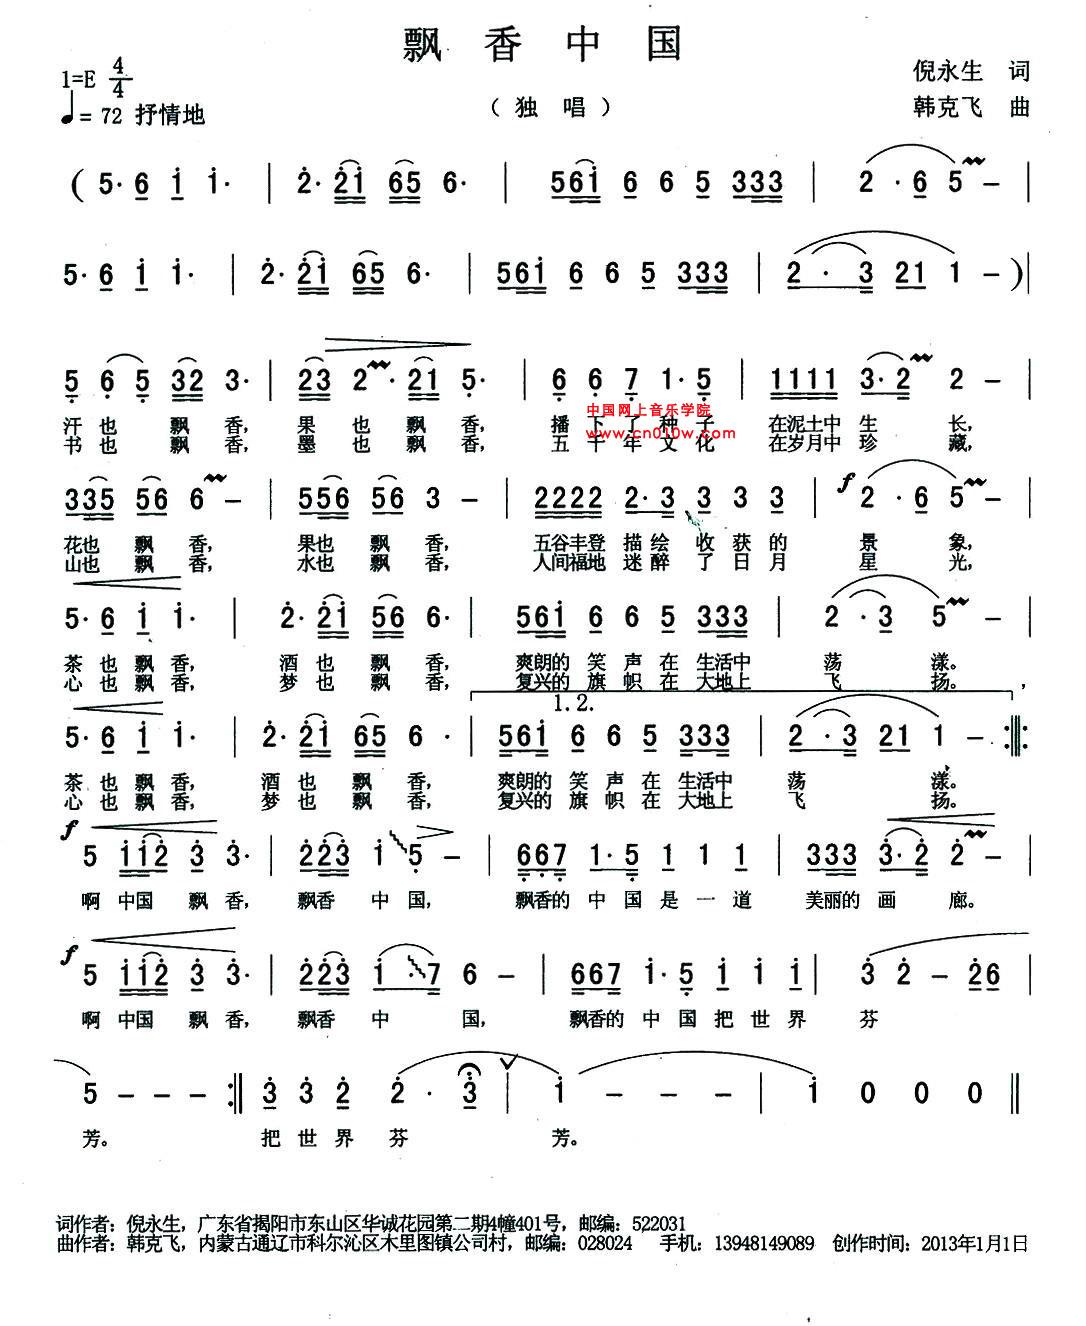 民歌曲谱 飘香中国民歌曲谱 飘香中国下载简谱下载